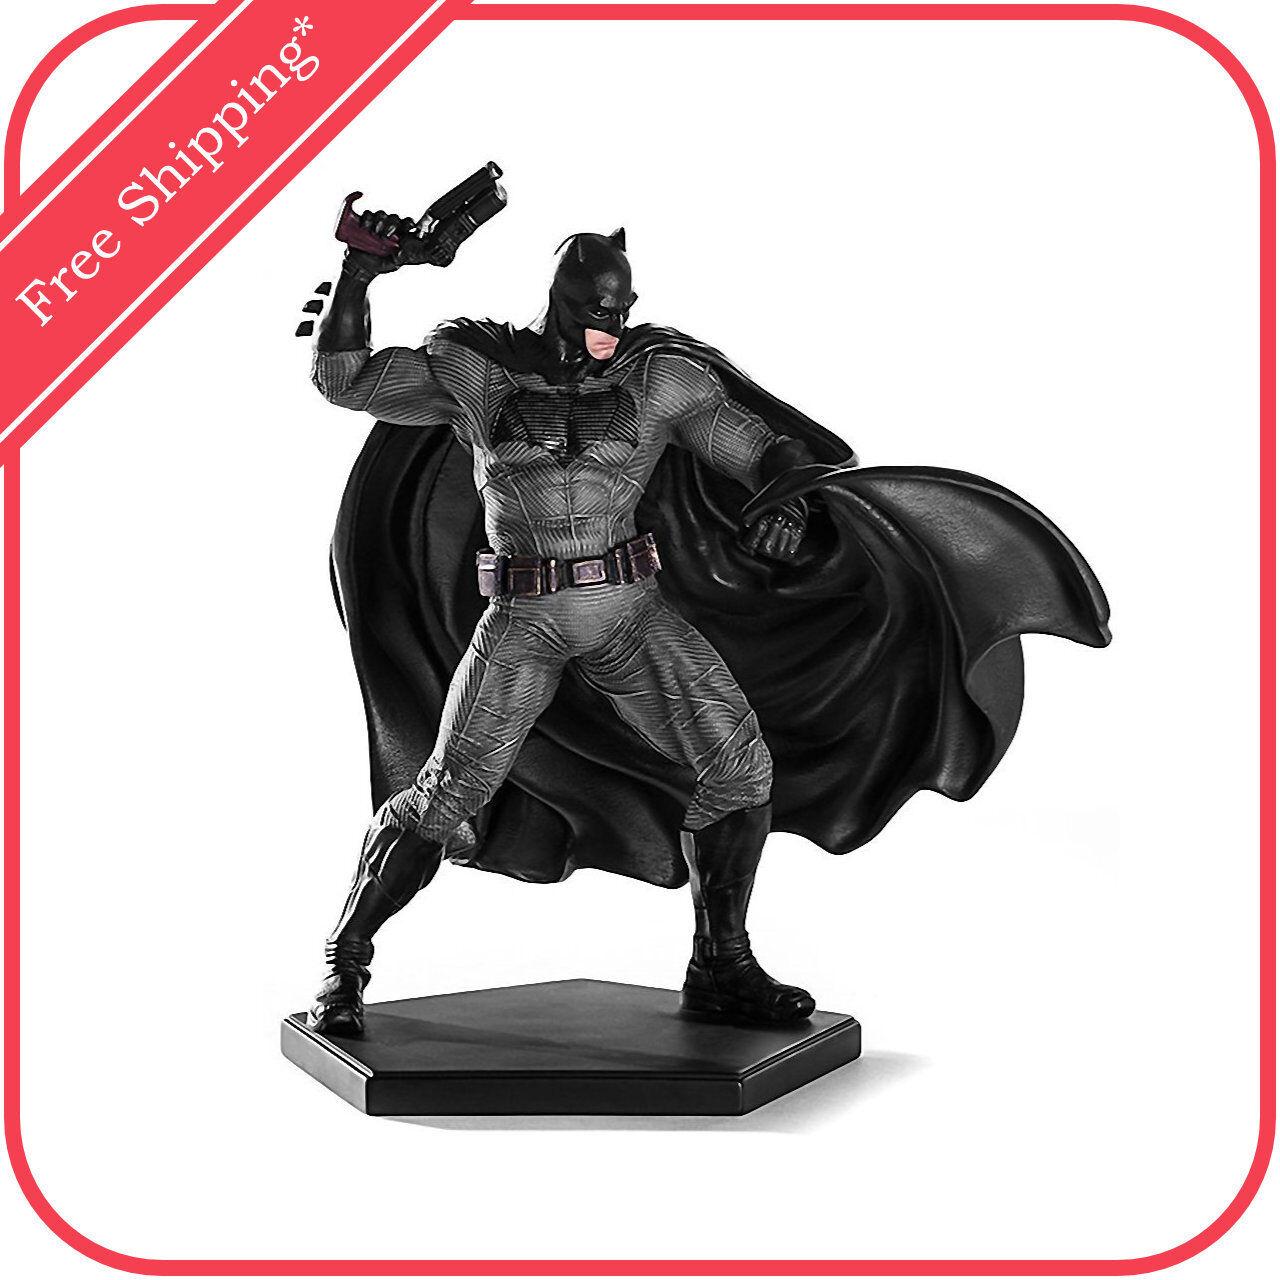 DC Comics Suicide Squad  Batman 1 10 Scale Figure Statue by Iron studios